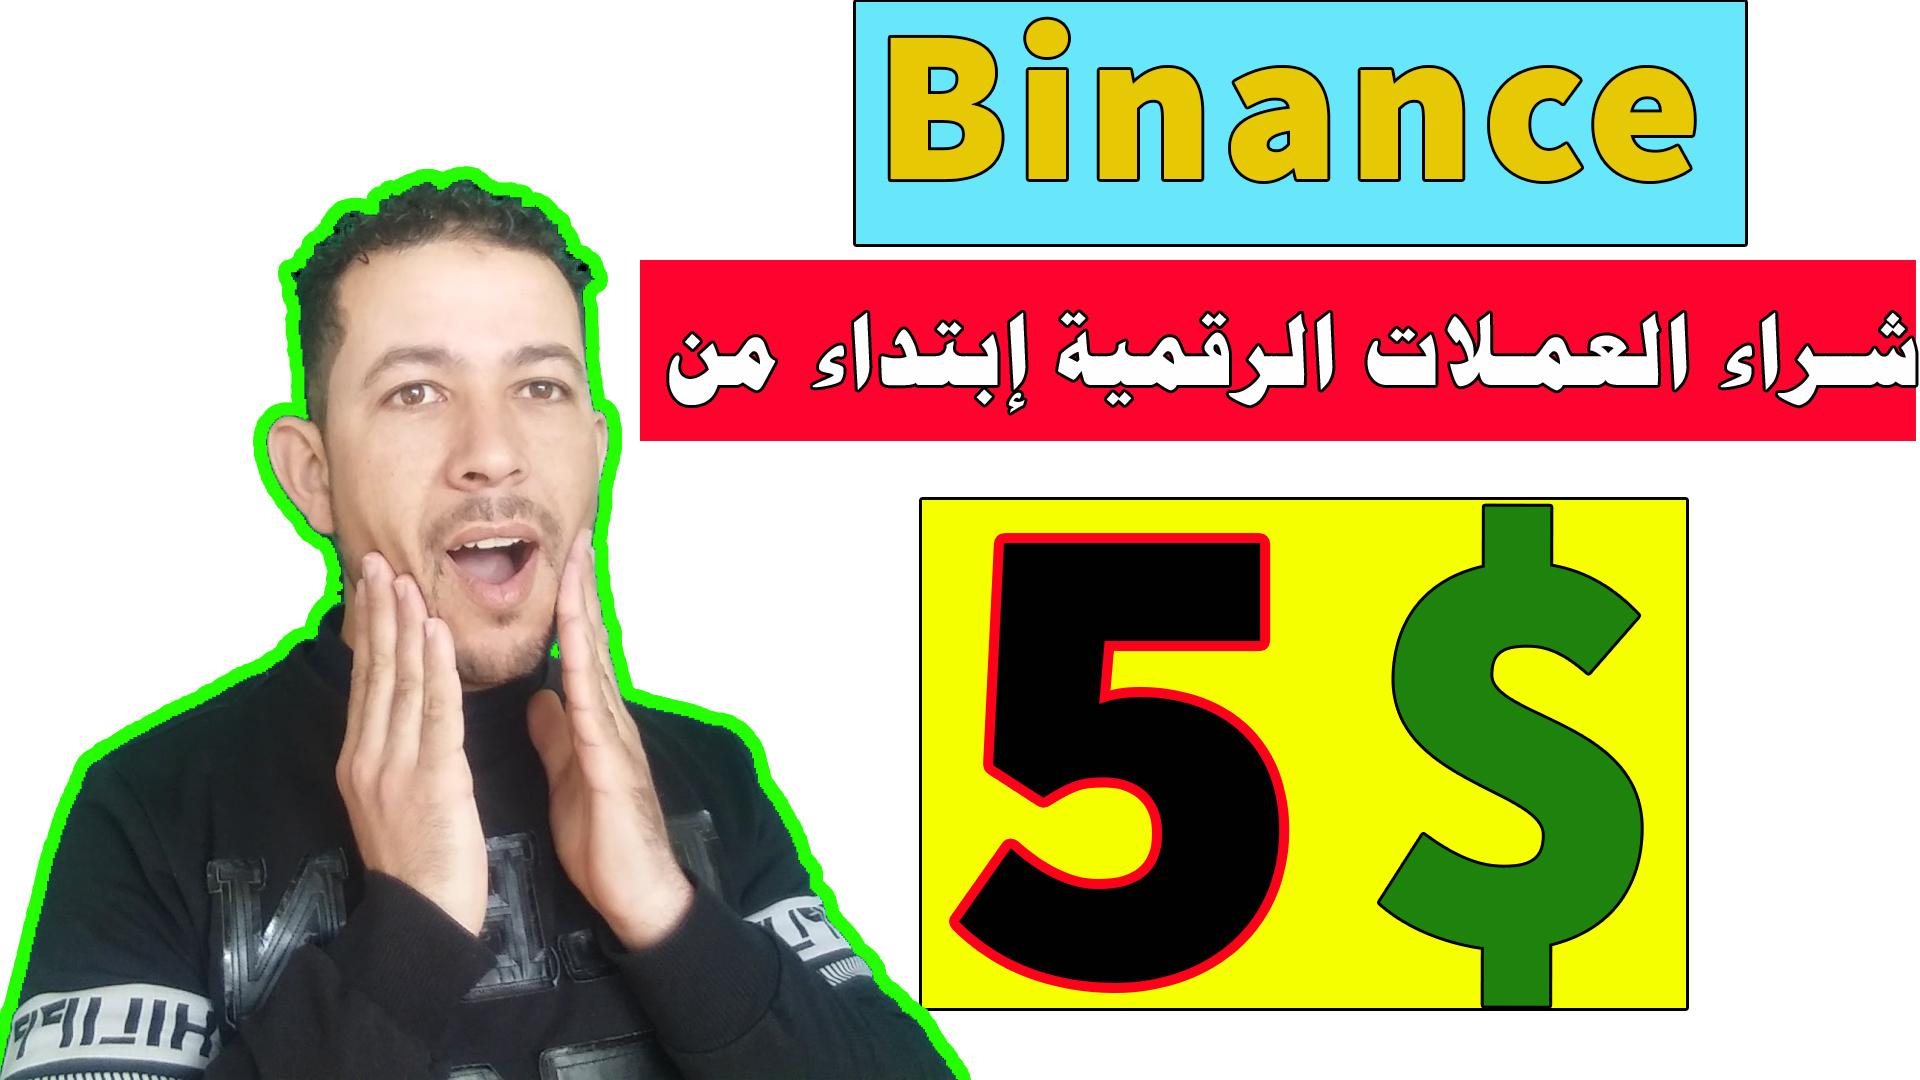 شرح كامل لمنصة بينانس اكبر منصة لتداول العملات الرقمية / Binance